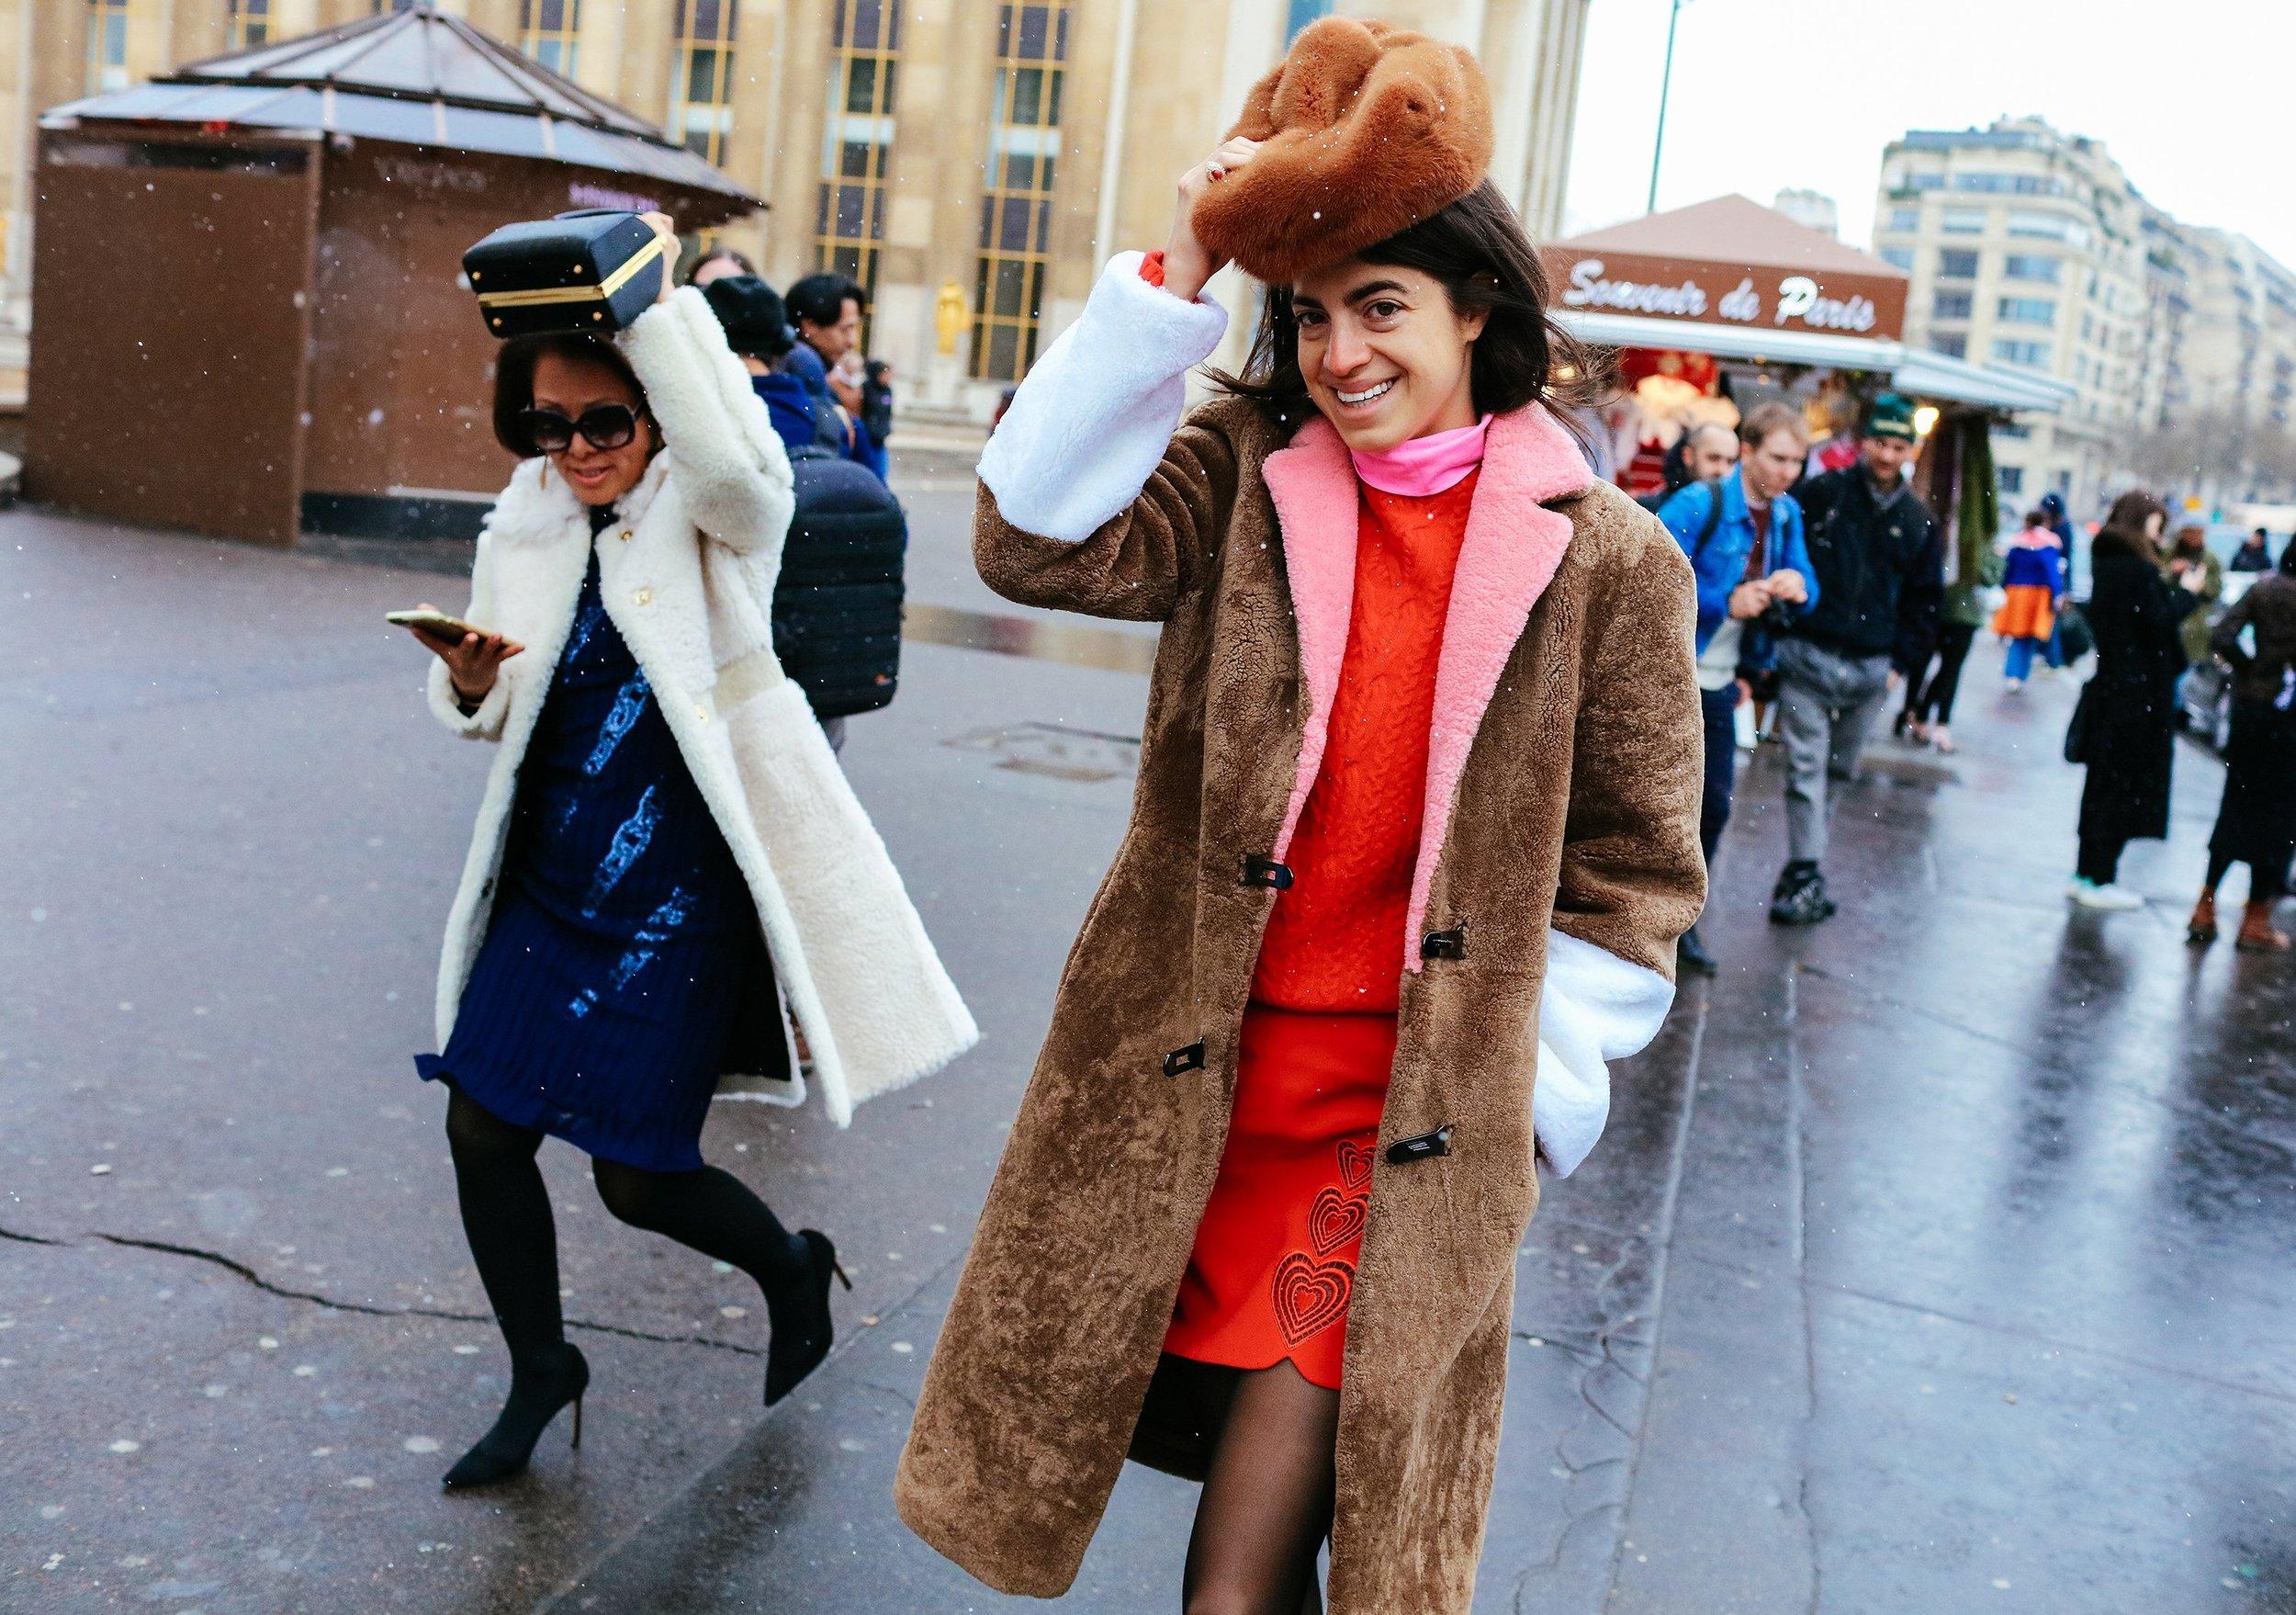 4338c3db591ad6dd79e6769237c2eac0 - Marcia Crivorot e Silvia Scigliano, da NY Fashion Tour